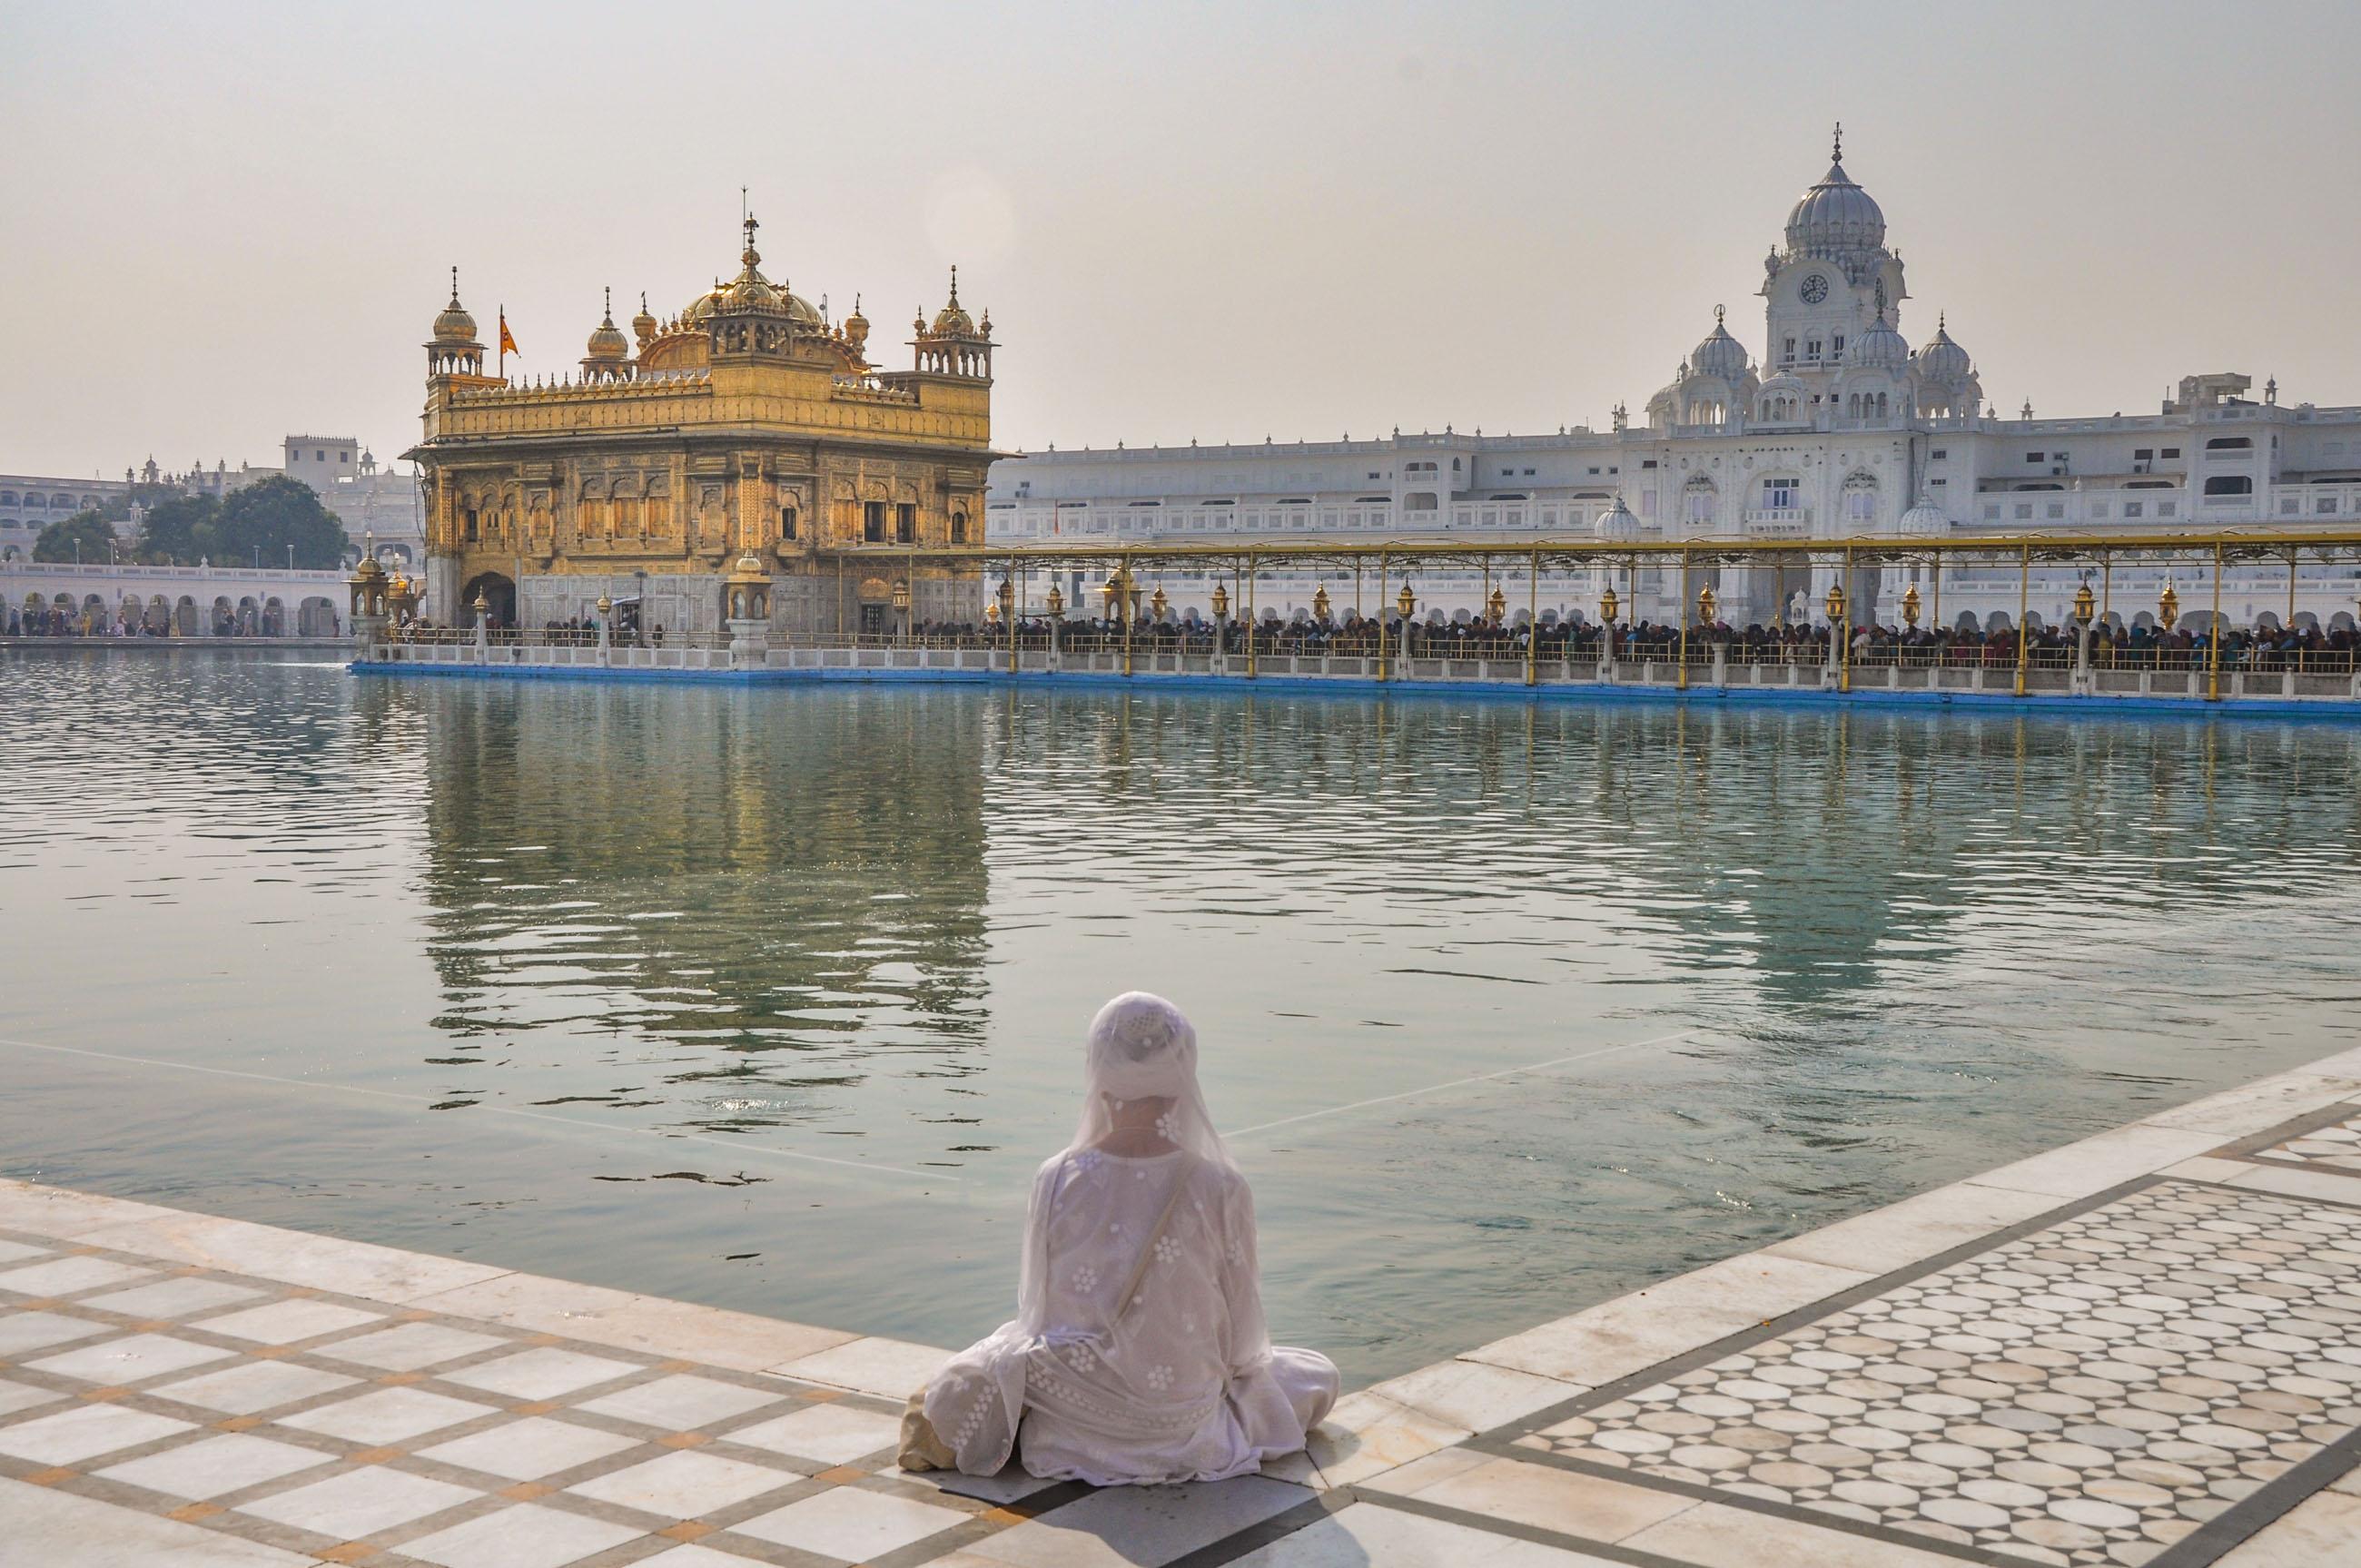 https://bubo.sk/uploads/galleries/4920/tomas_kubus_india_amritsar_dsc_0166.jpg